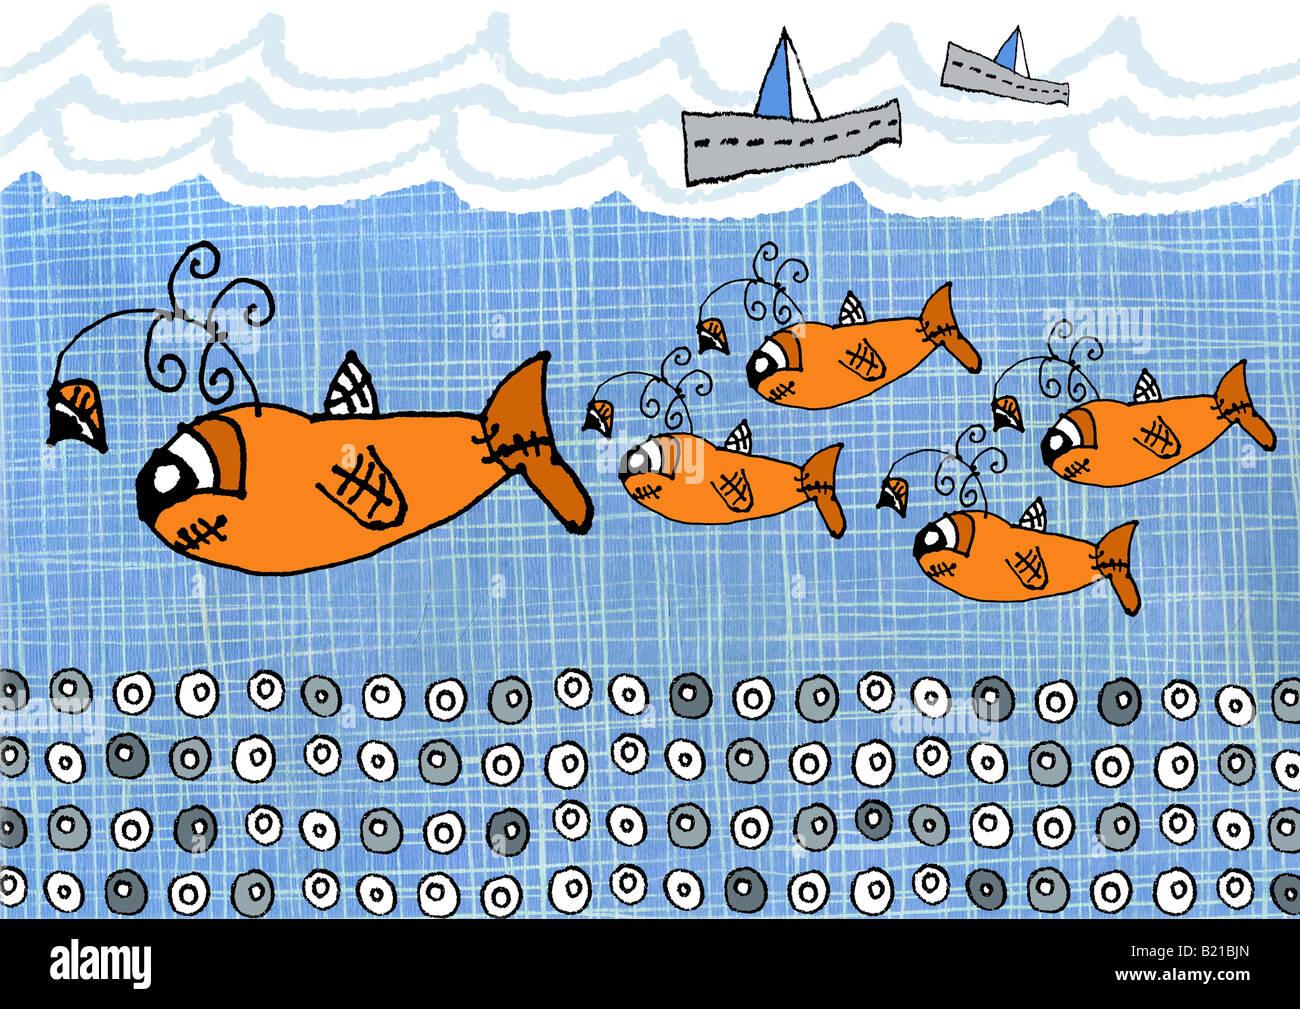 Kinder Stil Illustrationen der Fische schwimmen im Meer Stockbild